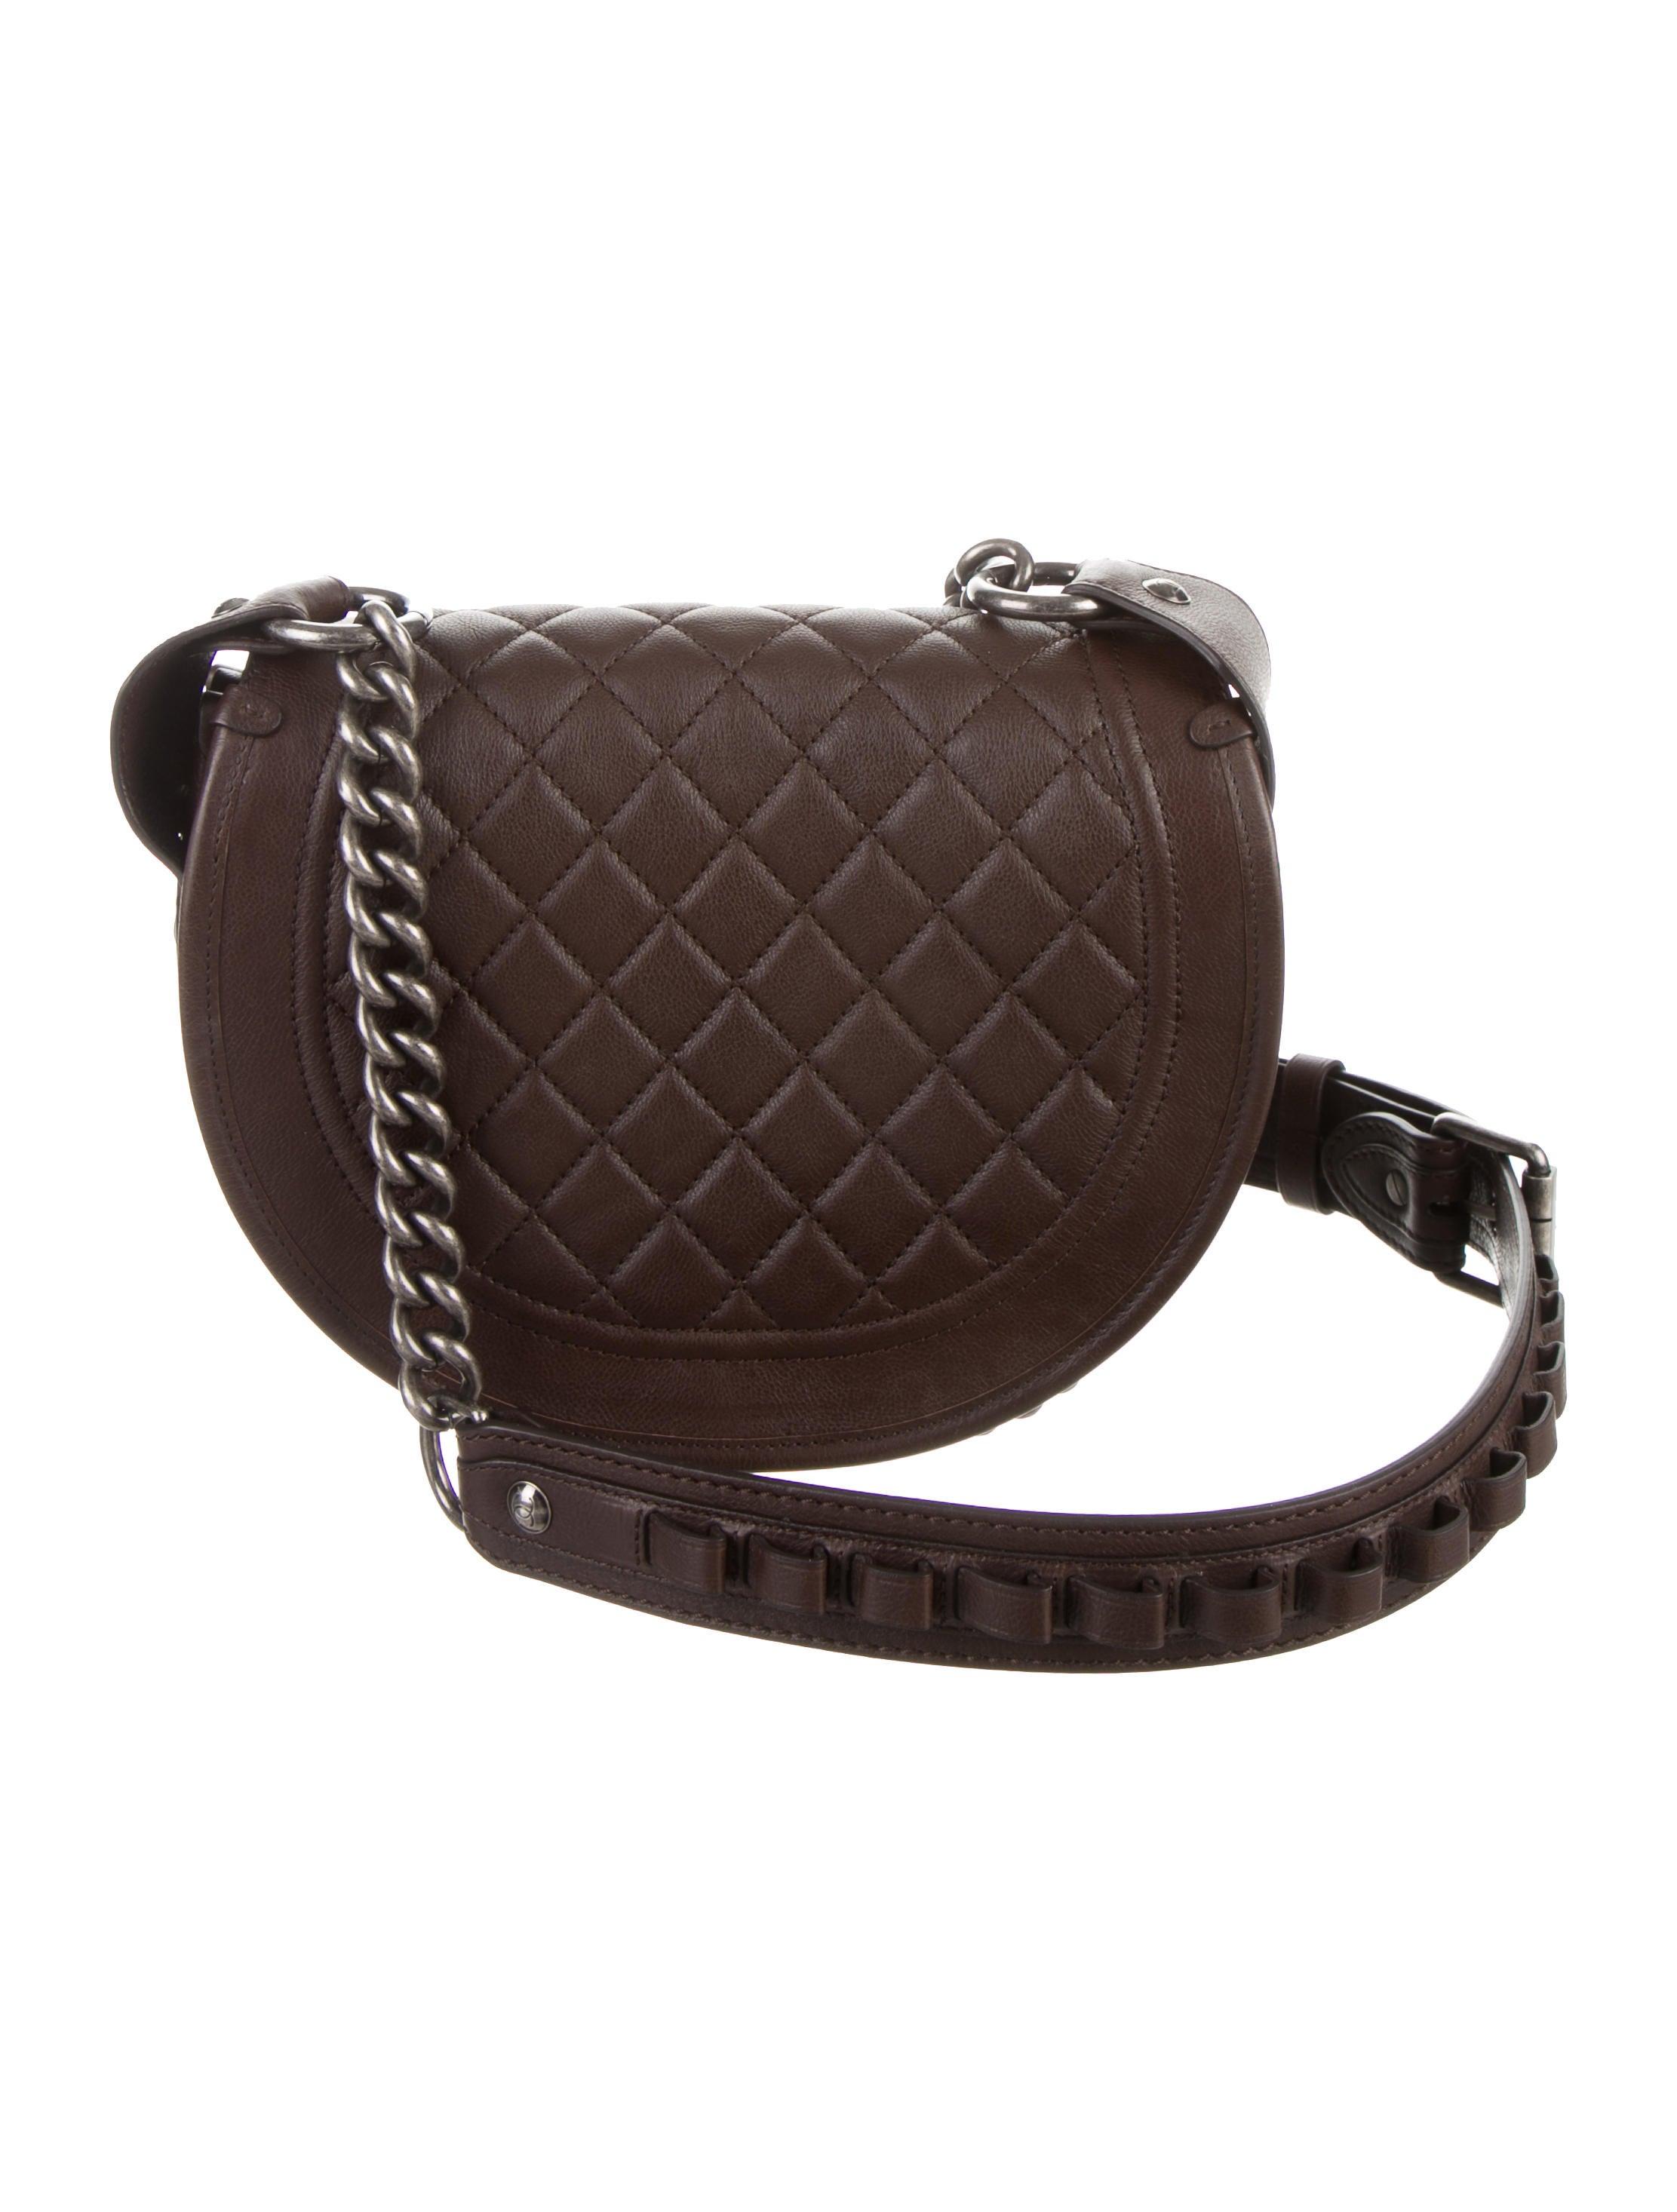 Chanel Bullet Saddle Bag - Handbags - CHA113252 | The RealReal Saddle Bag